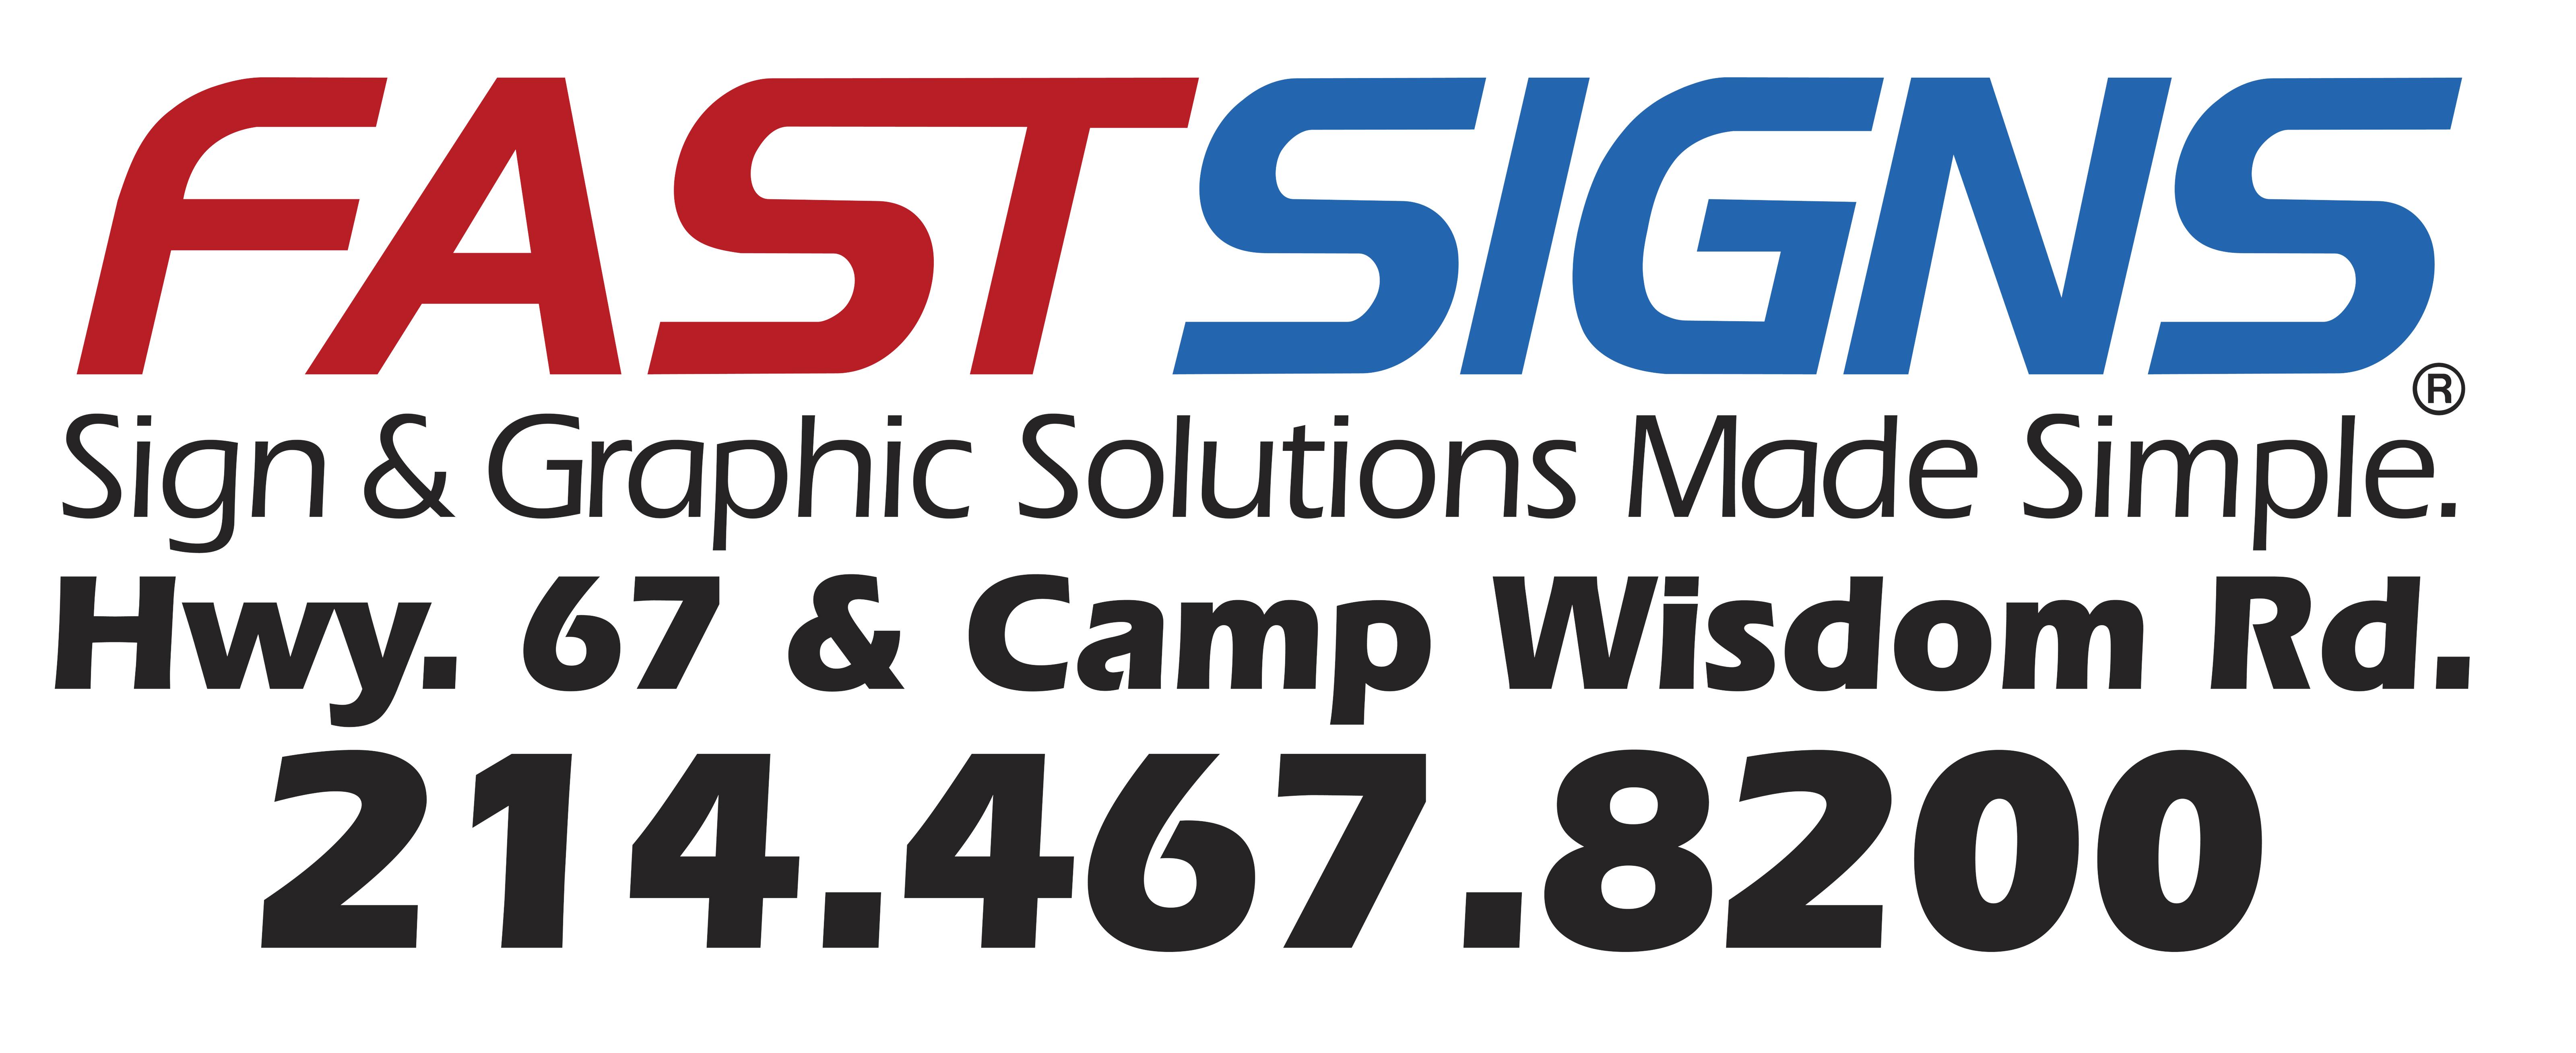 fastsigns logo nbg